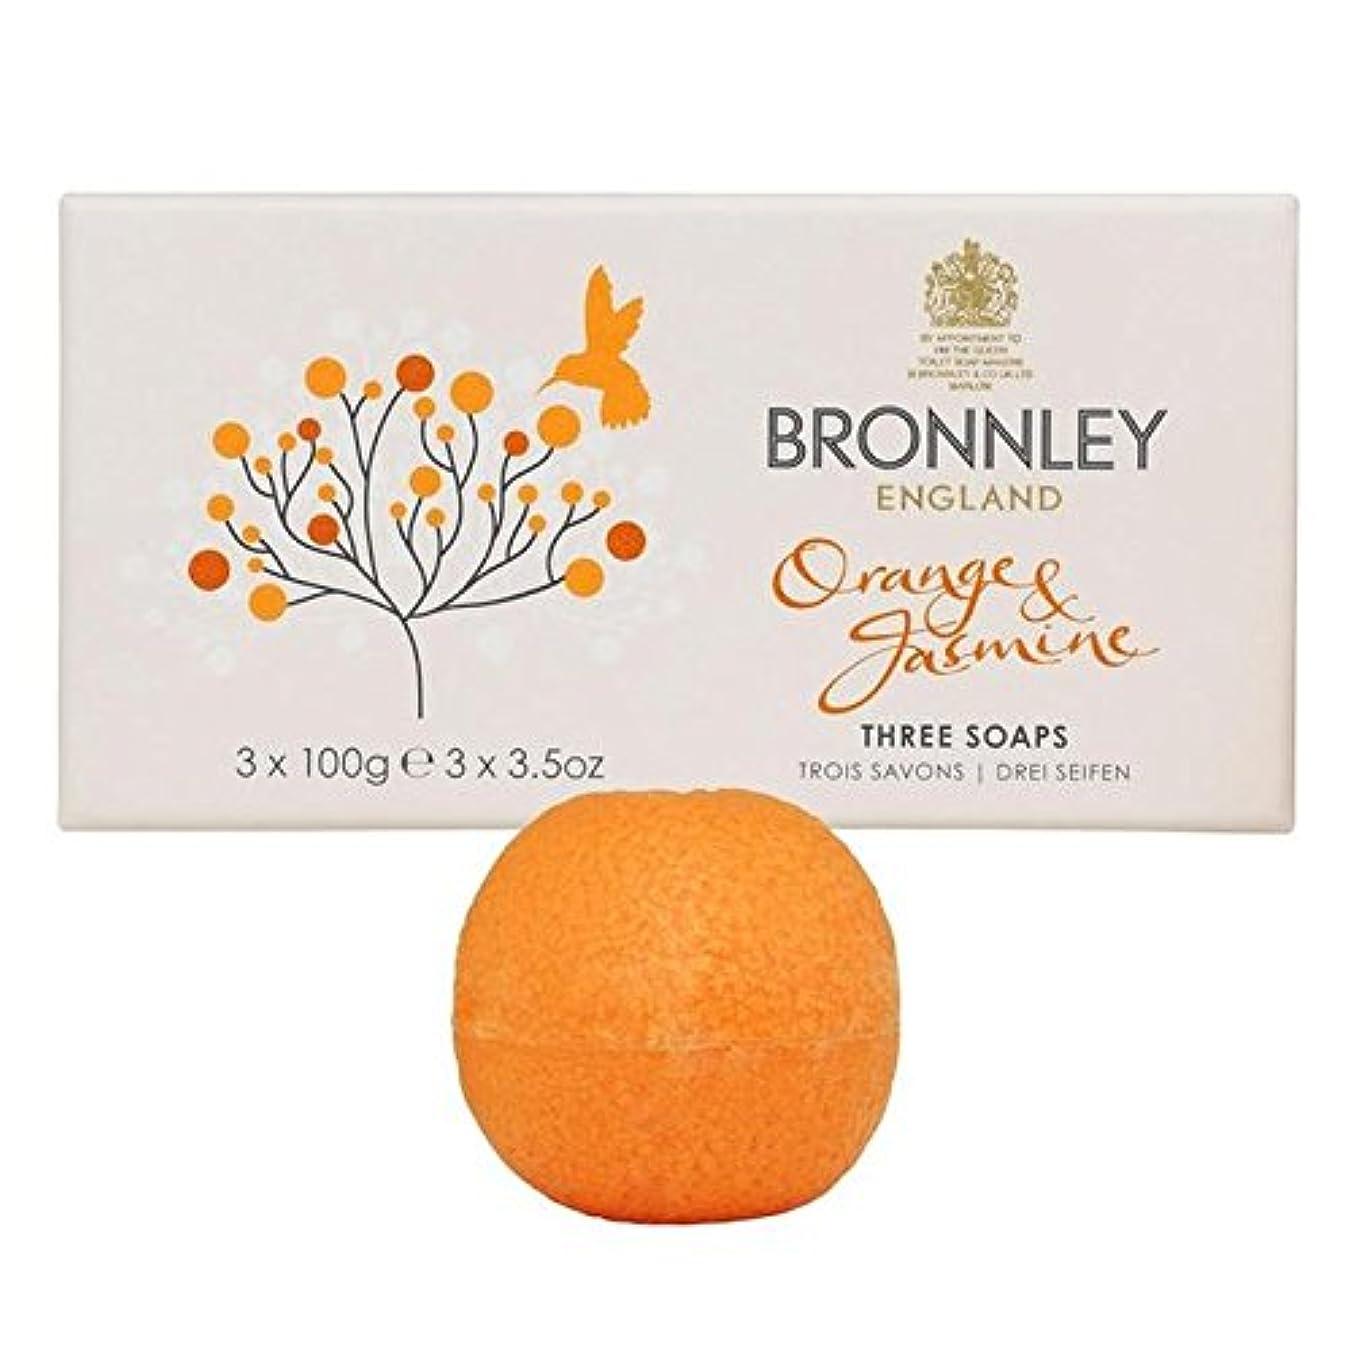 邪魔シティ全体オレンジ&ジャスミン石鹸3×100グラム x2 - Bronnley Orange & Jasmine Soaps 3 x 100g (Pack of 2) [並行輸入品]